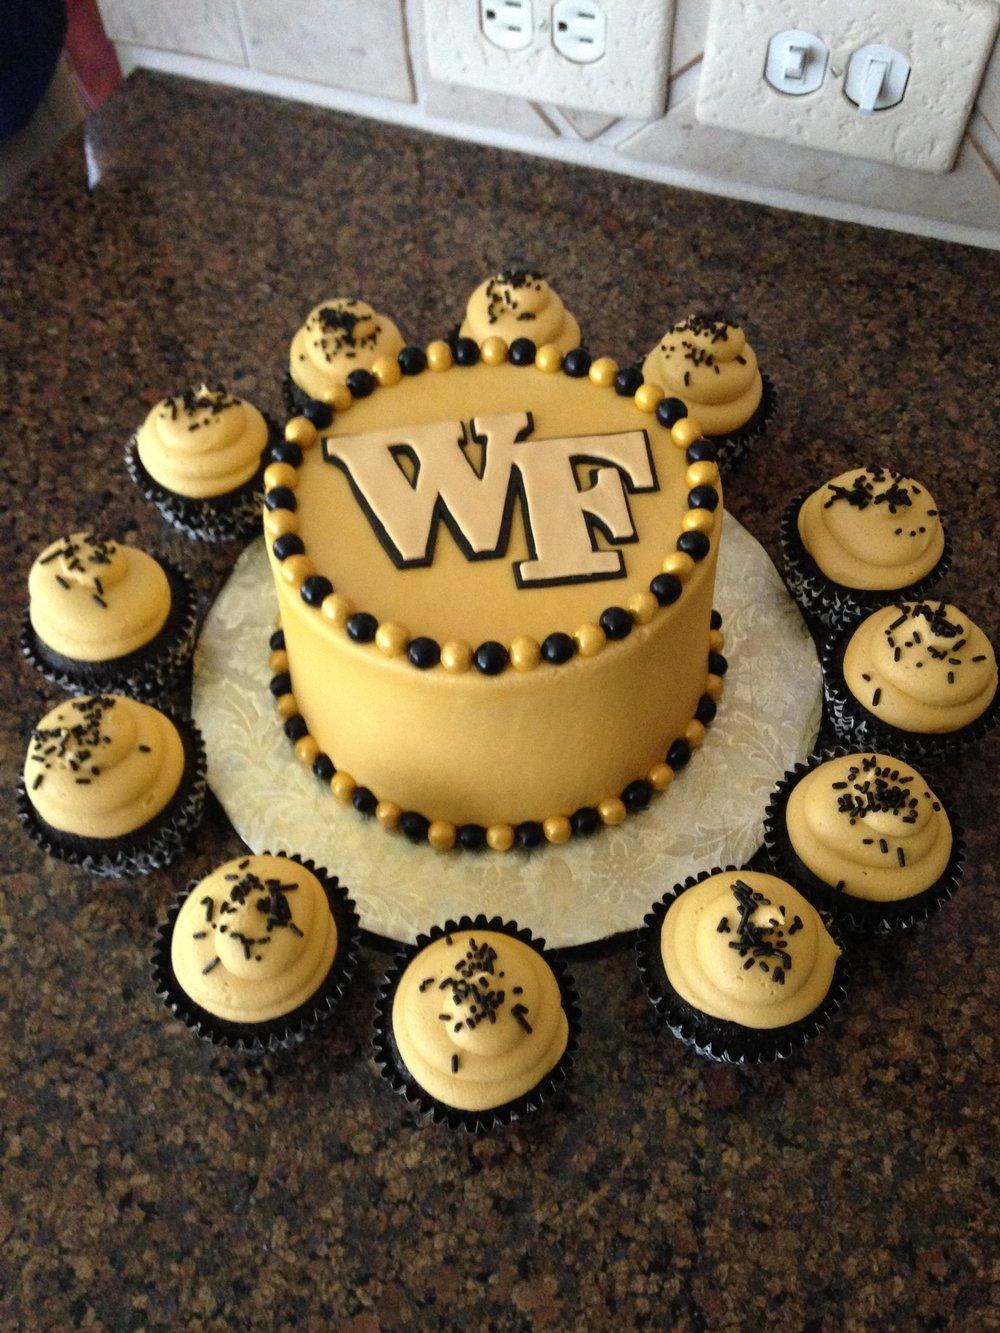 Cake wake with cupcakes.JPG